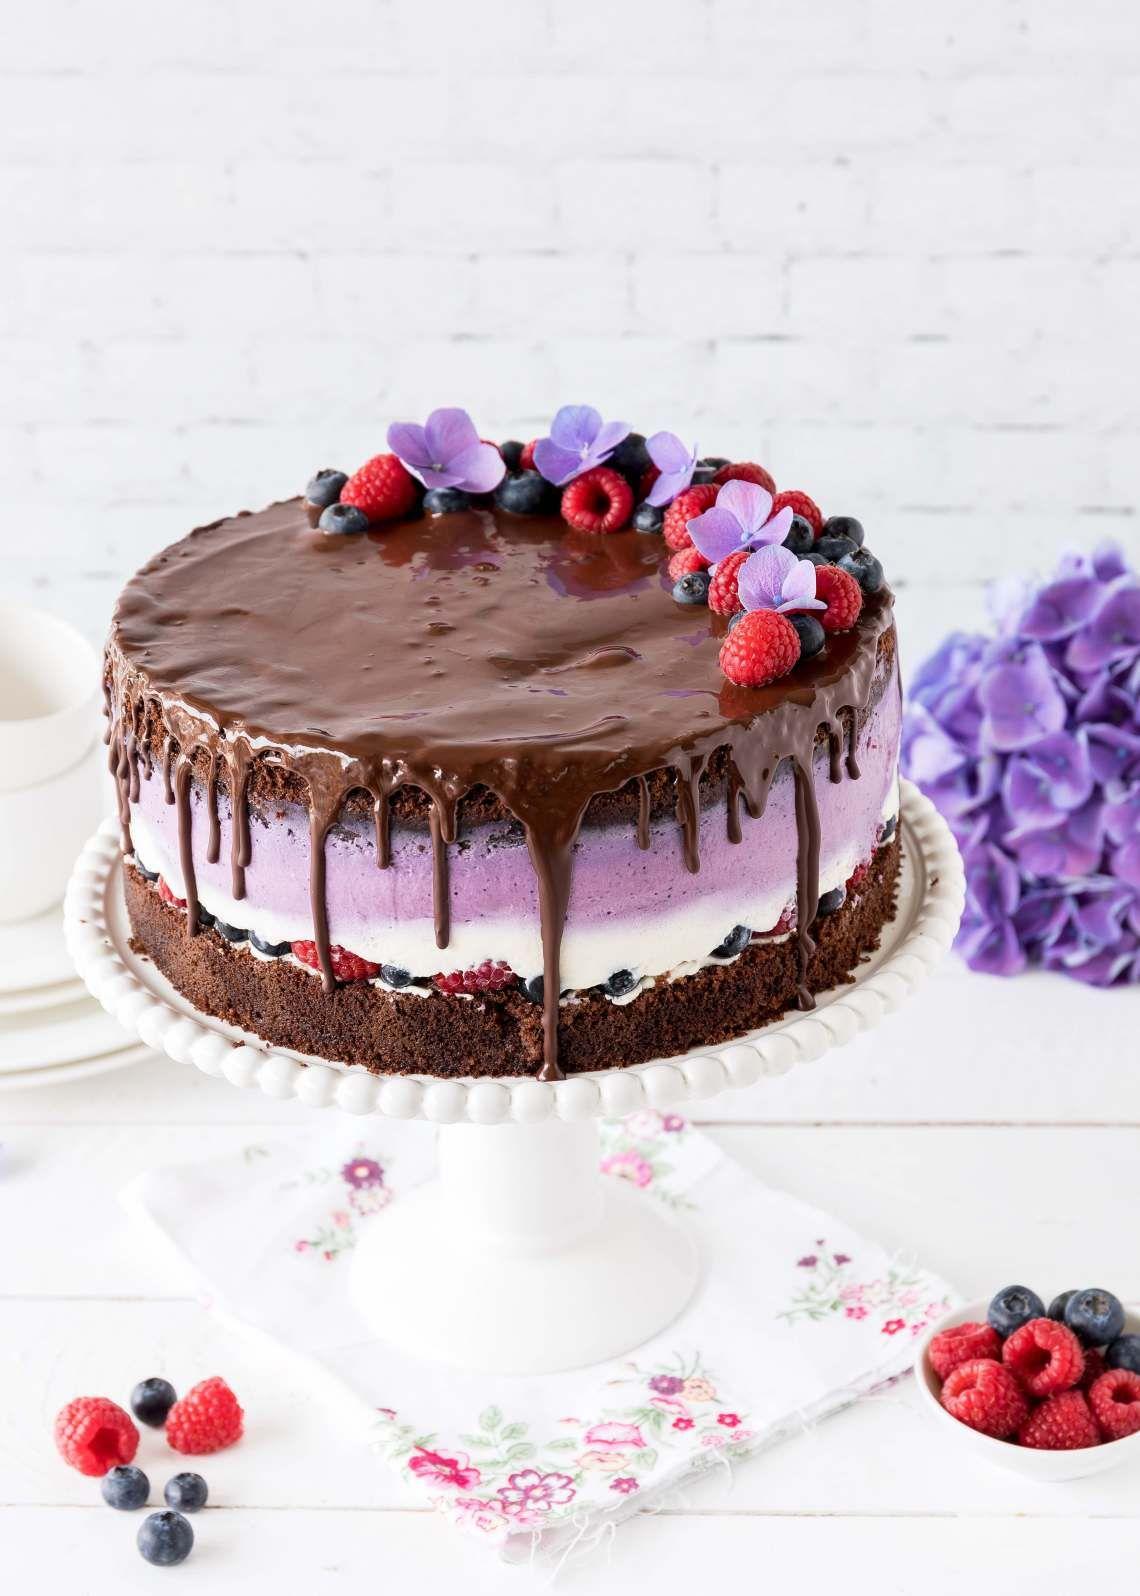 Schokoladen Beeren Torte Emma S Lieblingsstucke Beeren Torte Blaubeer Torte Hochzeitstorte Beeren